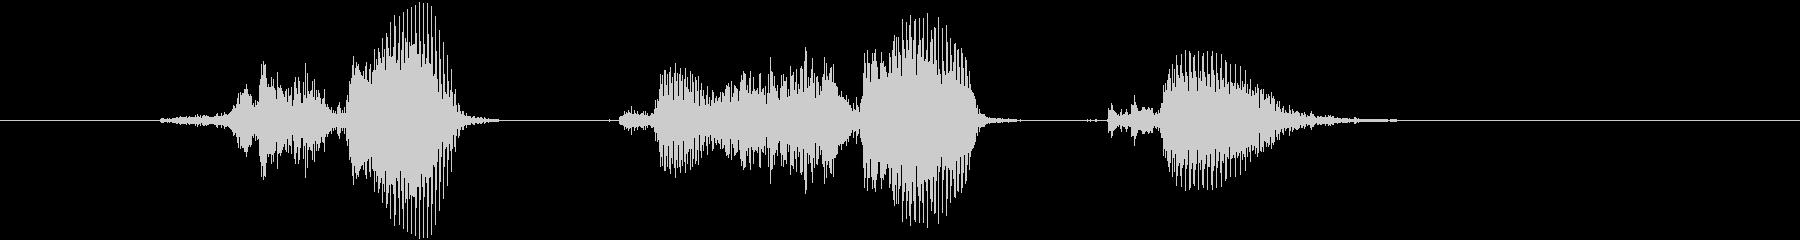 「サクサク」の未再生の波形